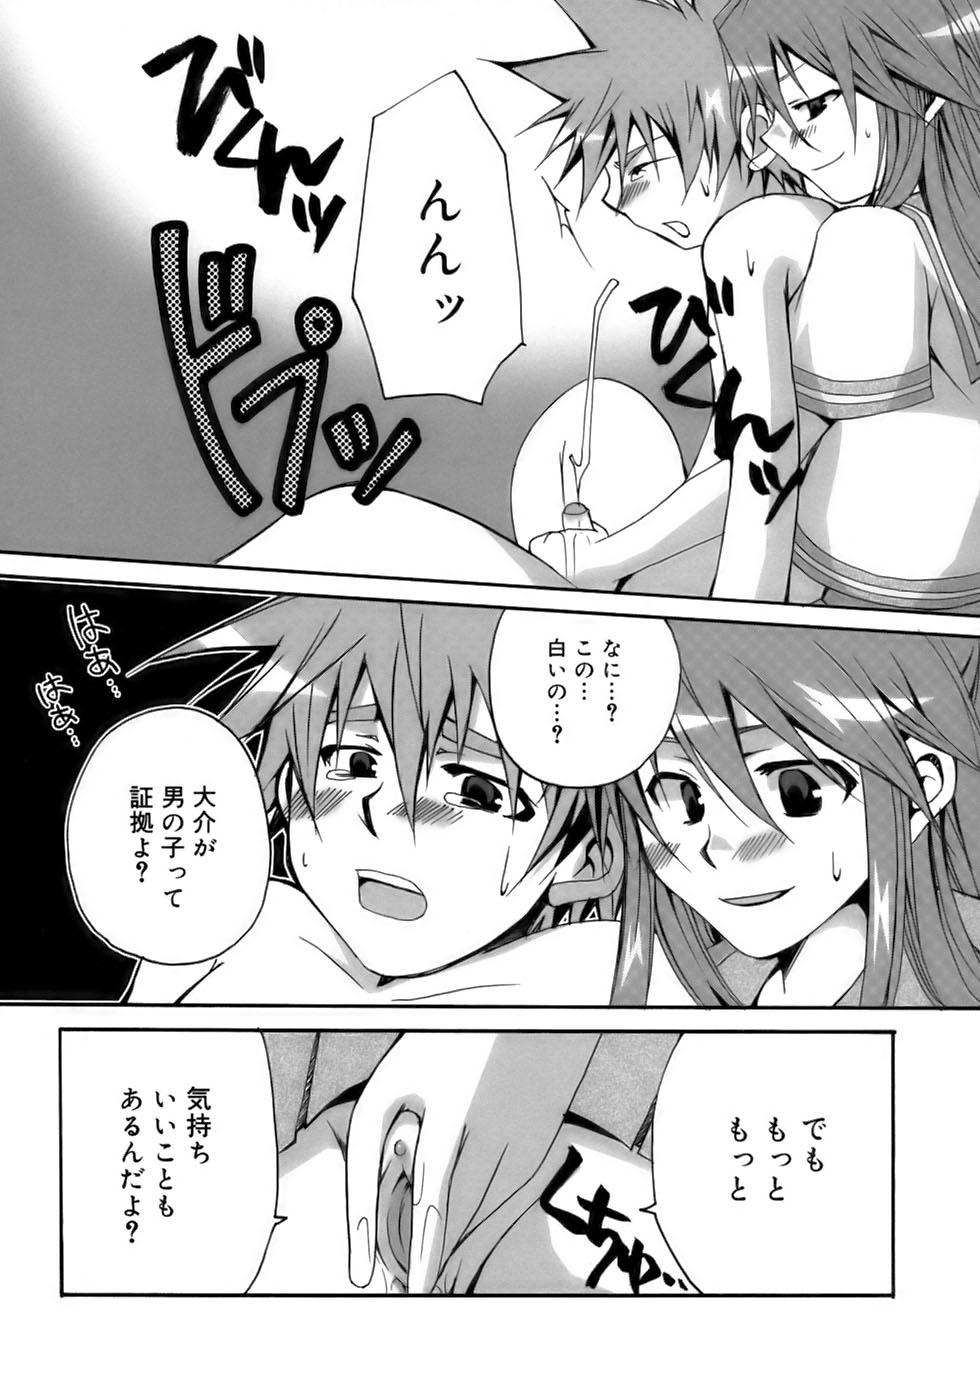 Image 156 in Sakigake Shounen Shikou - Shounen Shikou 10